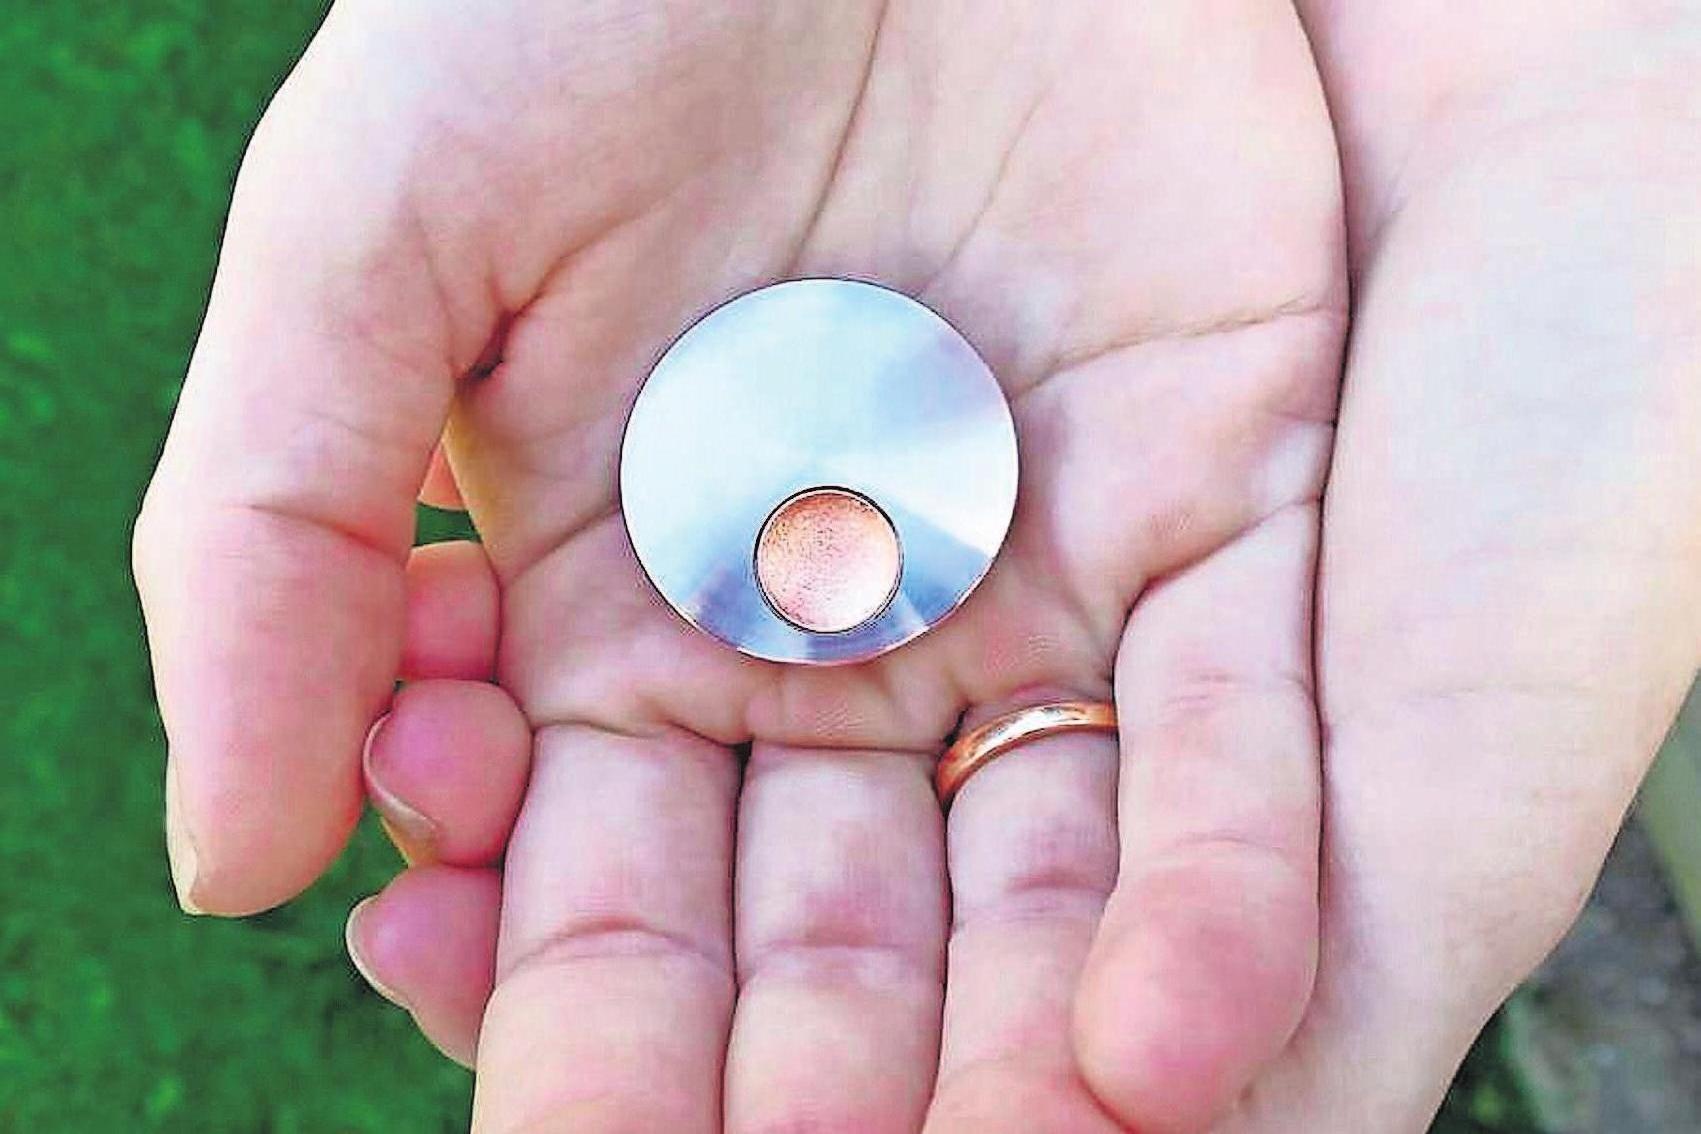 Wenn Haare oder Asche des Verstorbenen im Schmuckstück eingeschlossen sind, kann dieses nie wieder geöffnet werden. Foto: djd/www.nanogermany.de